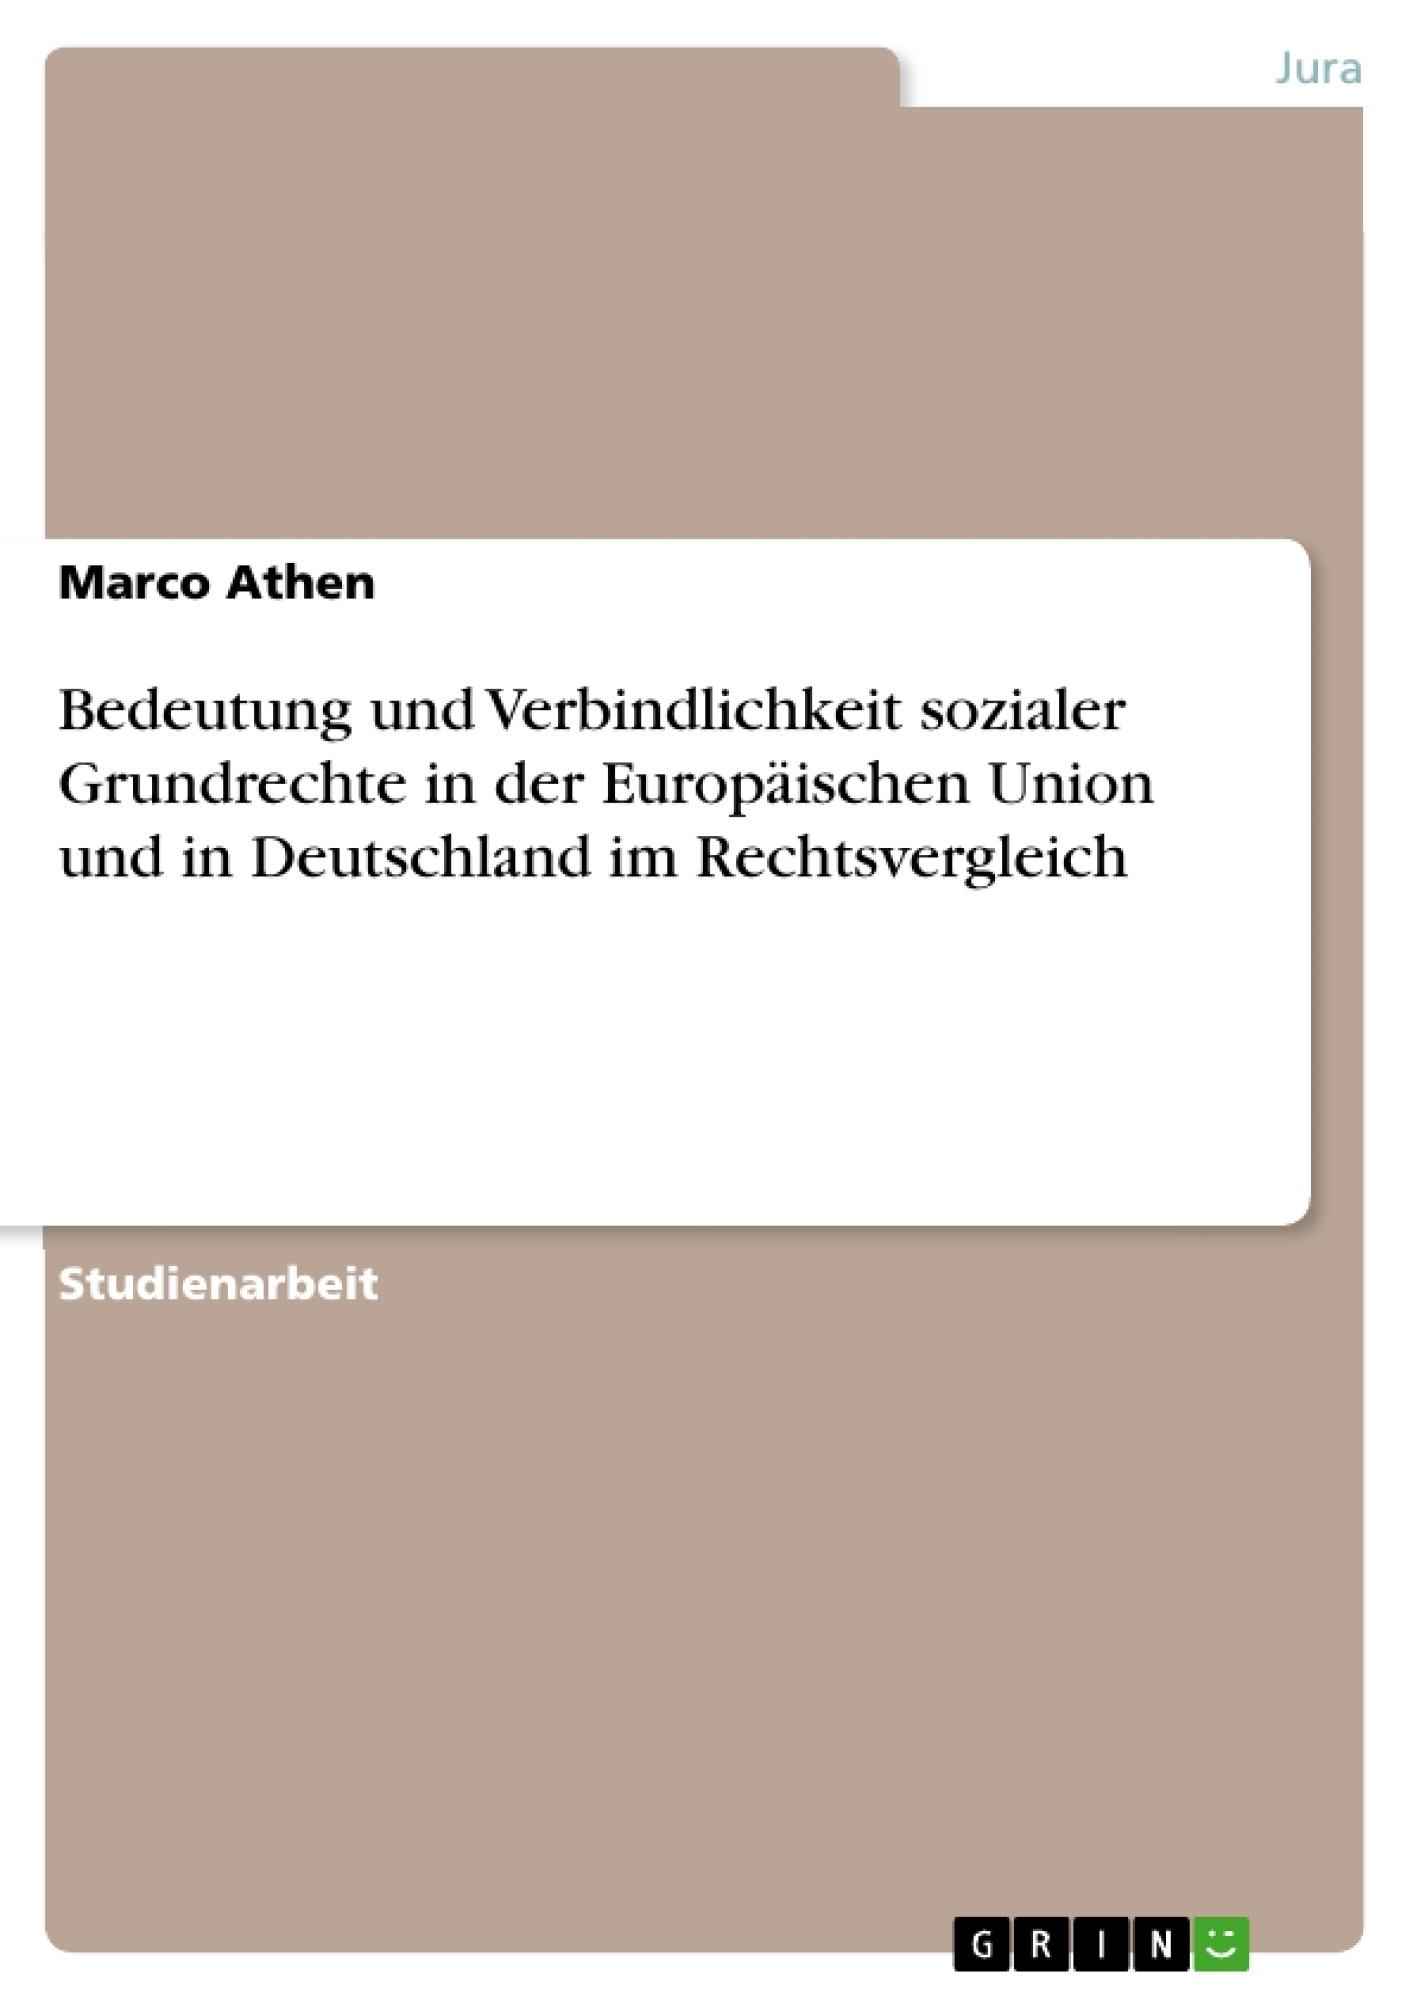 Titel: Bedeutung und Verbindlichkeit sozialer Grundrechte  in der Europäischen Union und in Deutschland im Rechtsvergleich